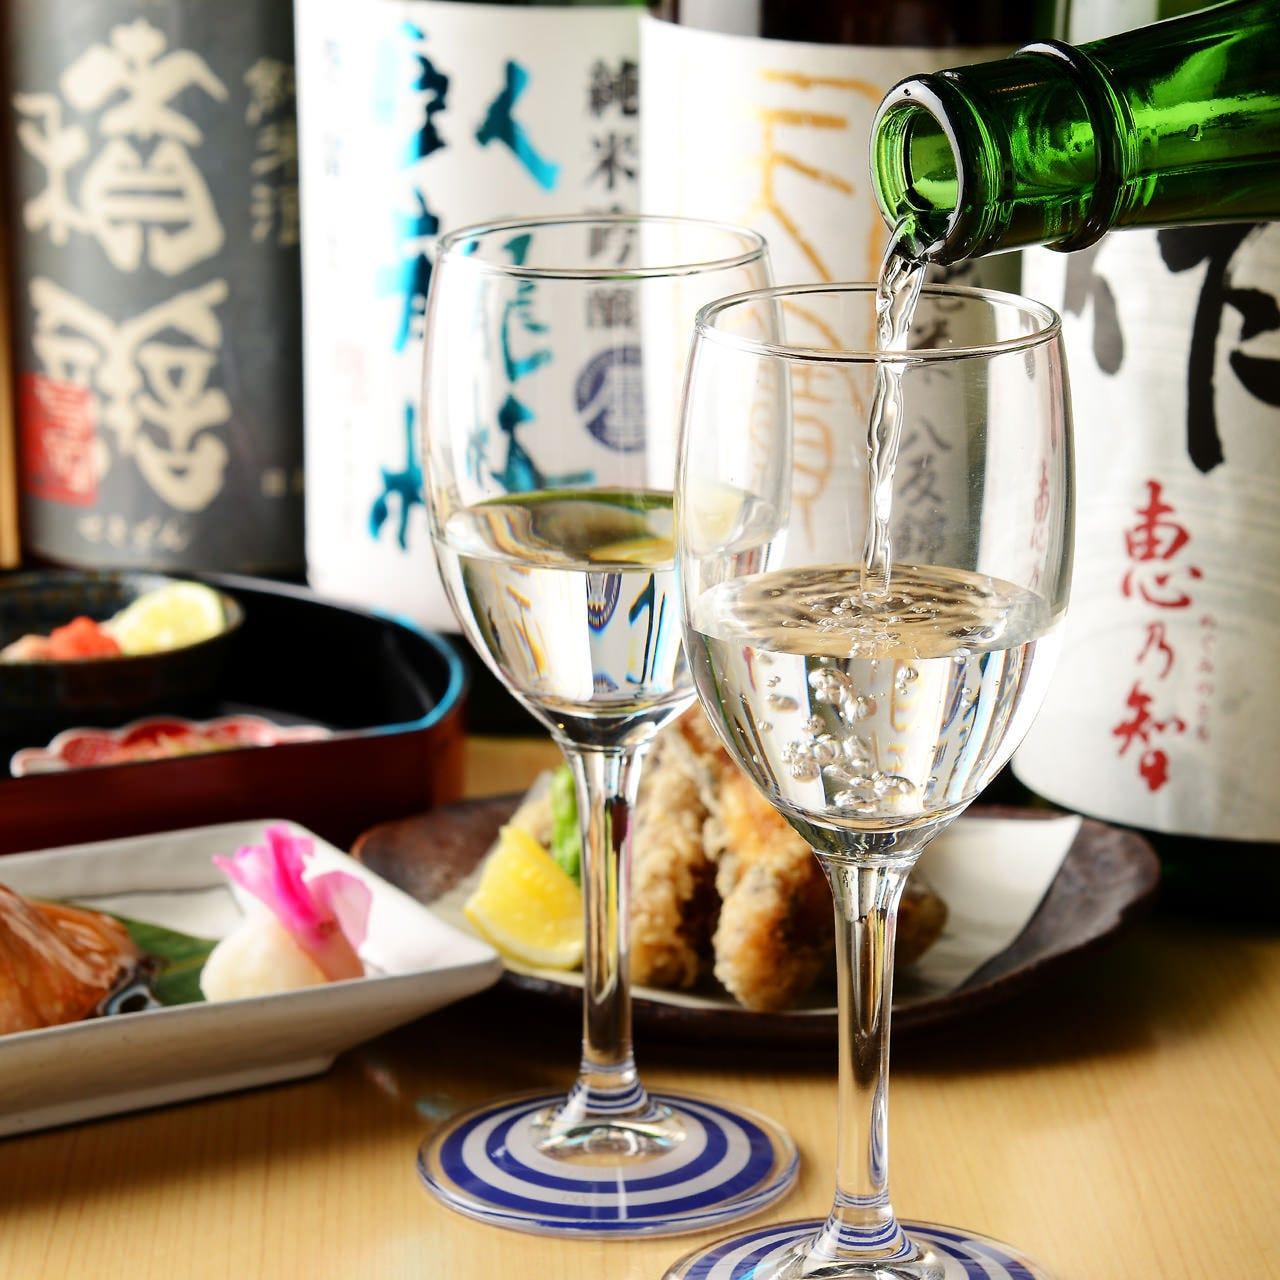 特別な夜は美味しい和食と日本酒で♪